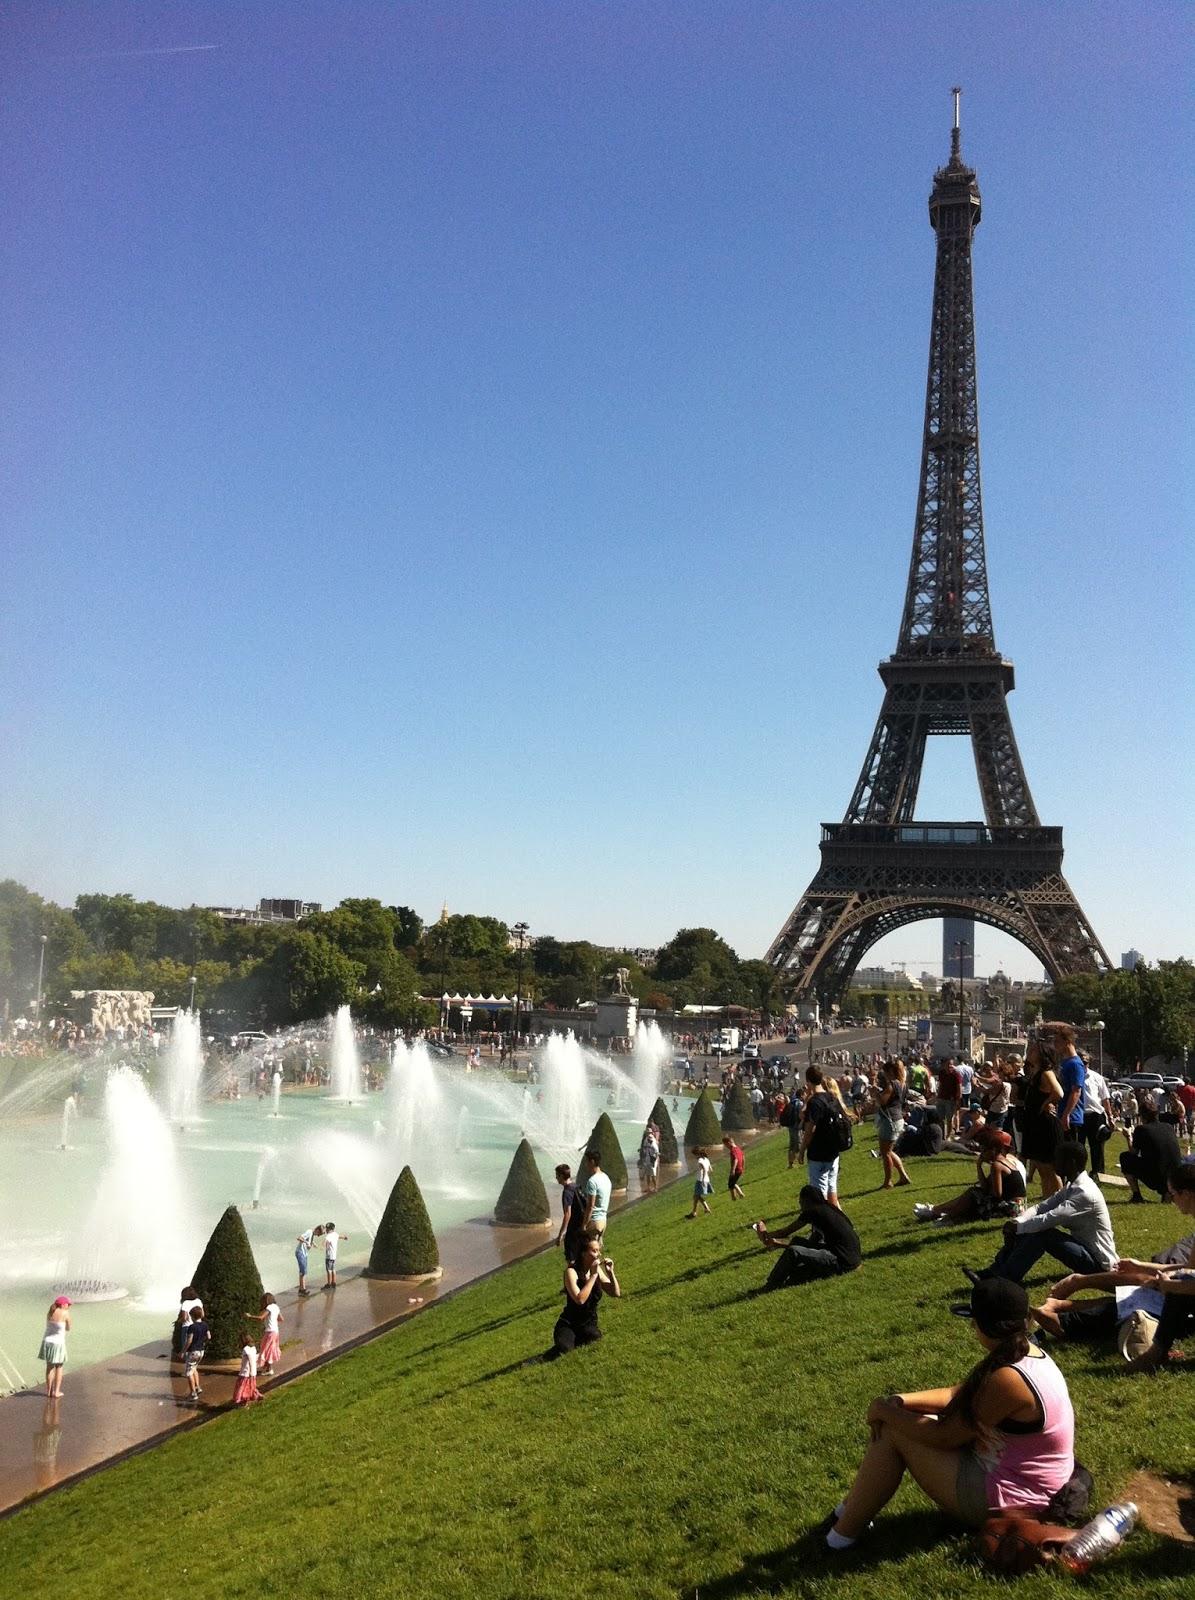 a658636873bf9 W sierpniu 2016. trzeba wody szukac nawet na paryskiej plazy,bo tam,tym  razem,nie ma basenu do kapieli;zostal nam sie ino wodny rozpylacz.